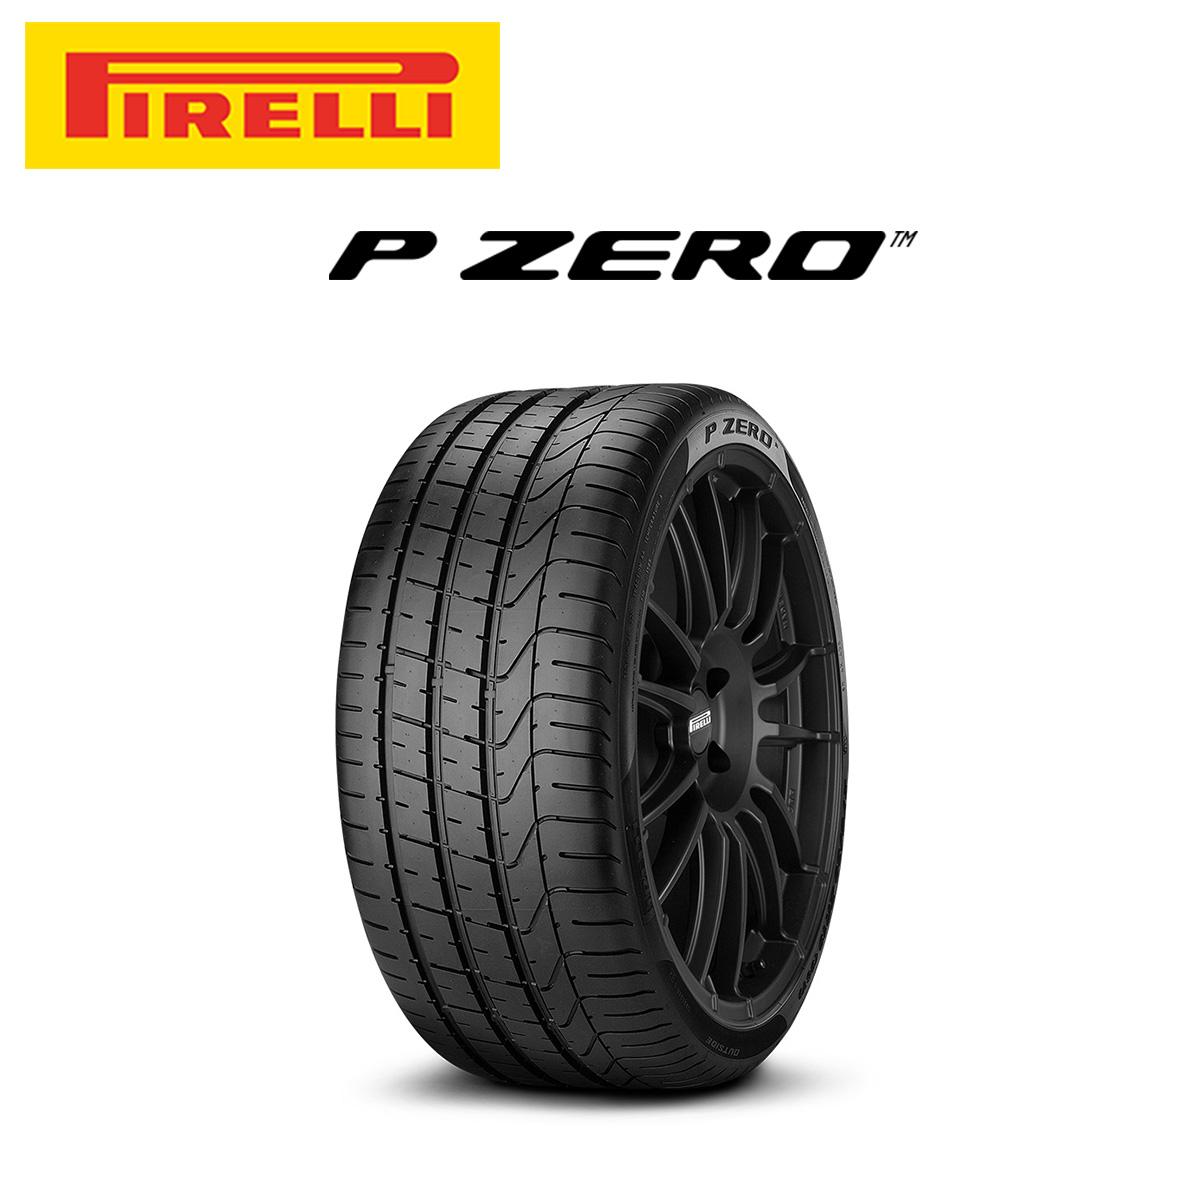 ピレリ PIRELLI P ZERO ピーゼロ 19インチ サマー タイヤ 4本 セット 255/55R19 111W XL J:ジャガー LR:ランドローバー承認タイヤ 2528800